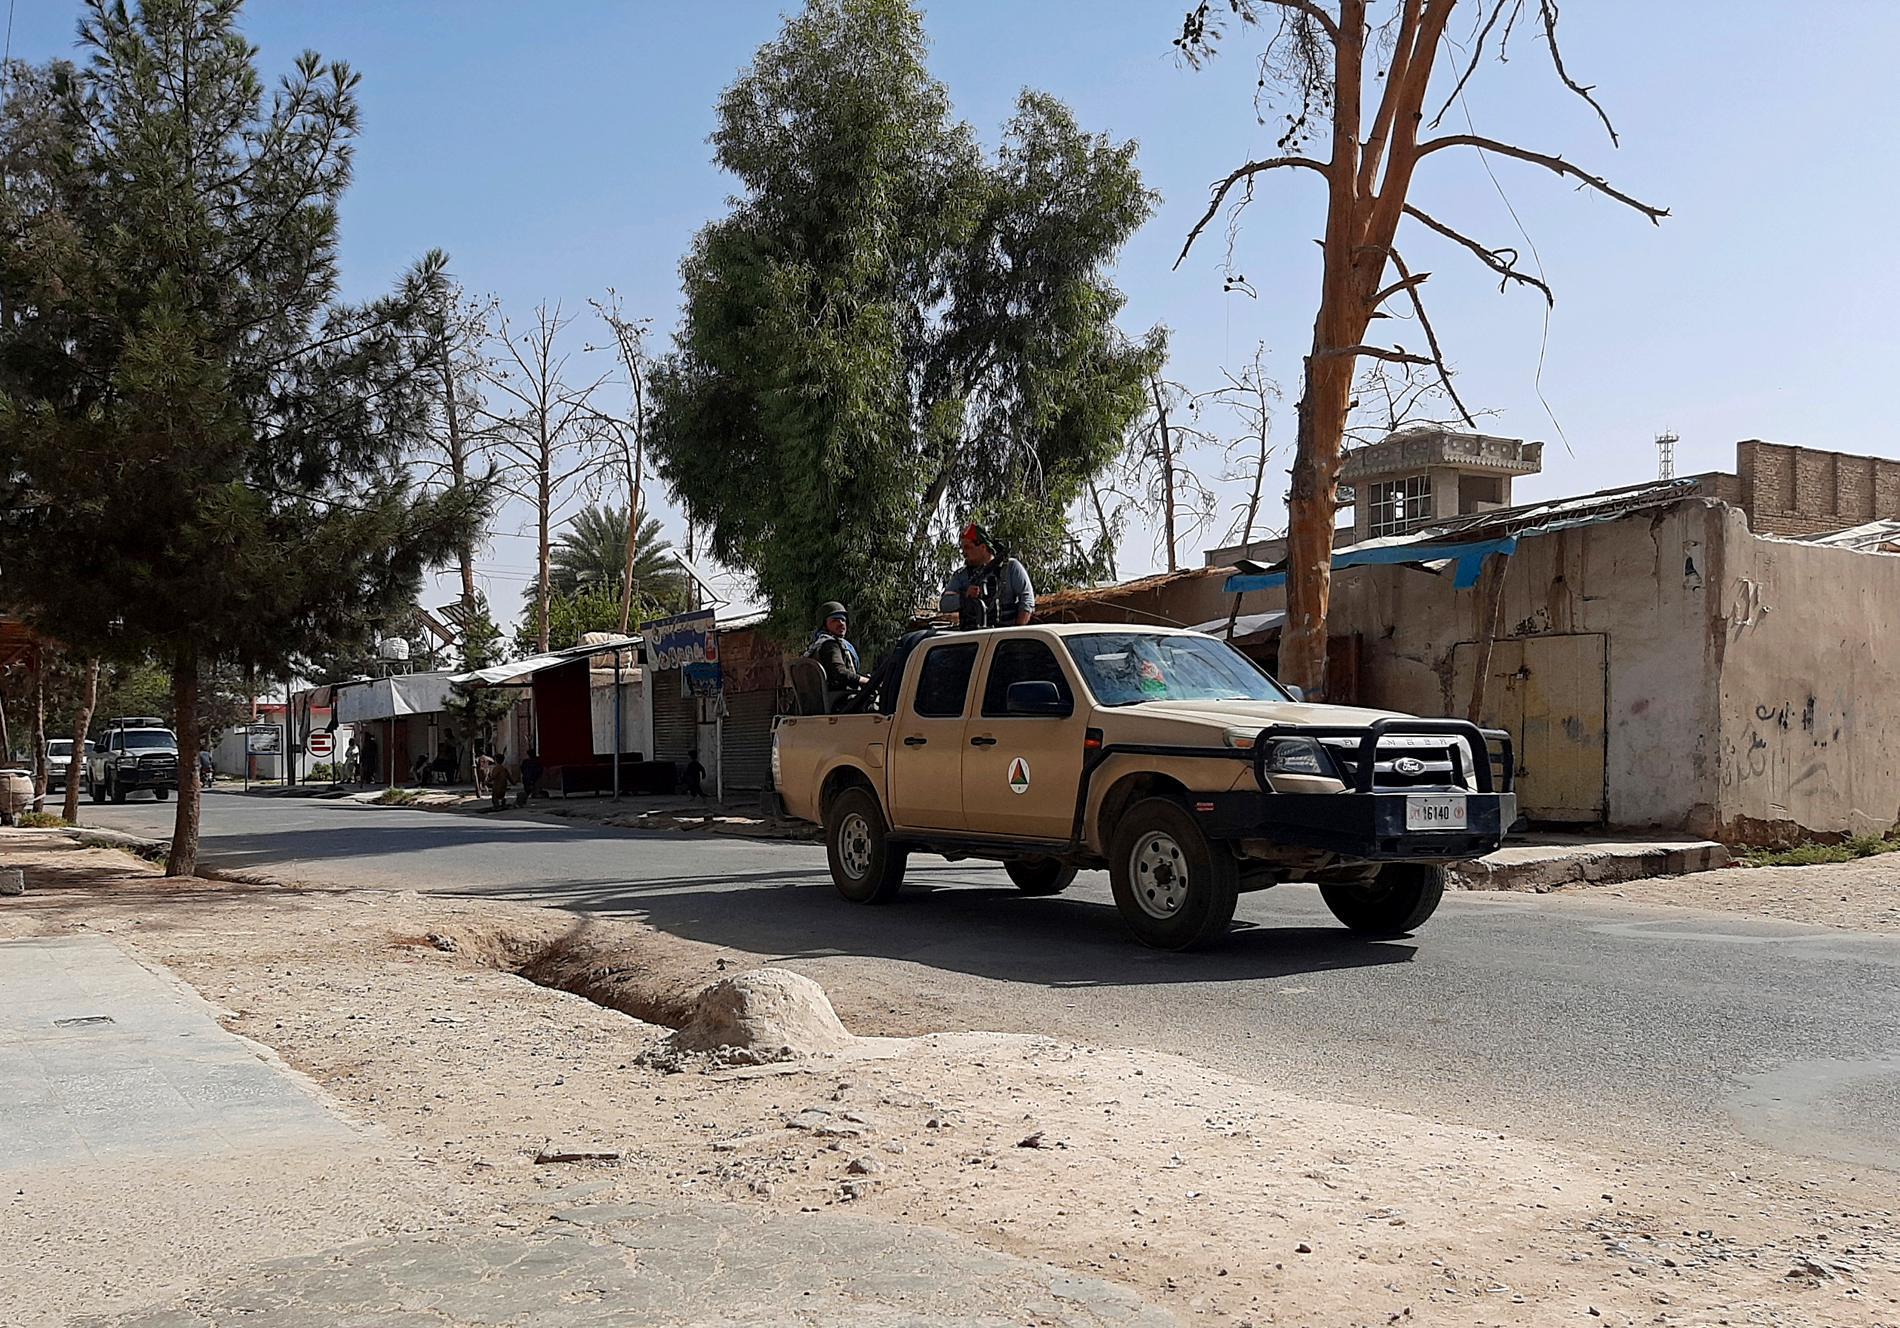 """Regeringsstyrkorna som patrullerar Lashkar Gahs öde gator har uppmanat invånarna att fly staden """"några dagar"""" för att man ska kunna slå tillbaka talibanerna."""